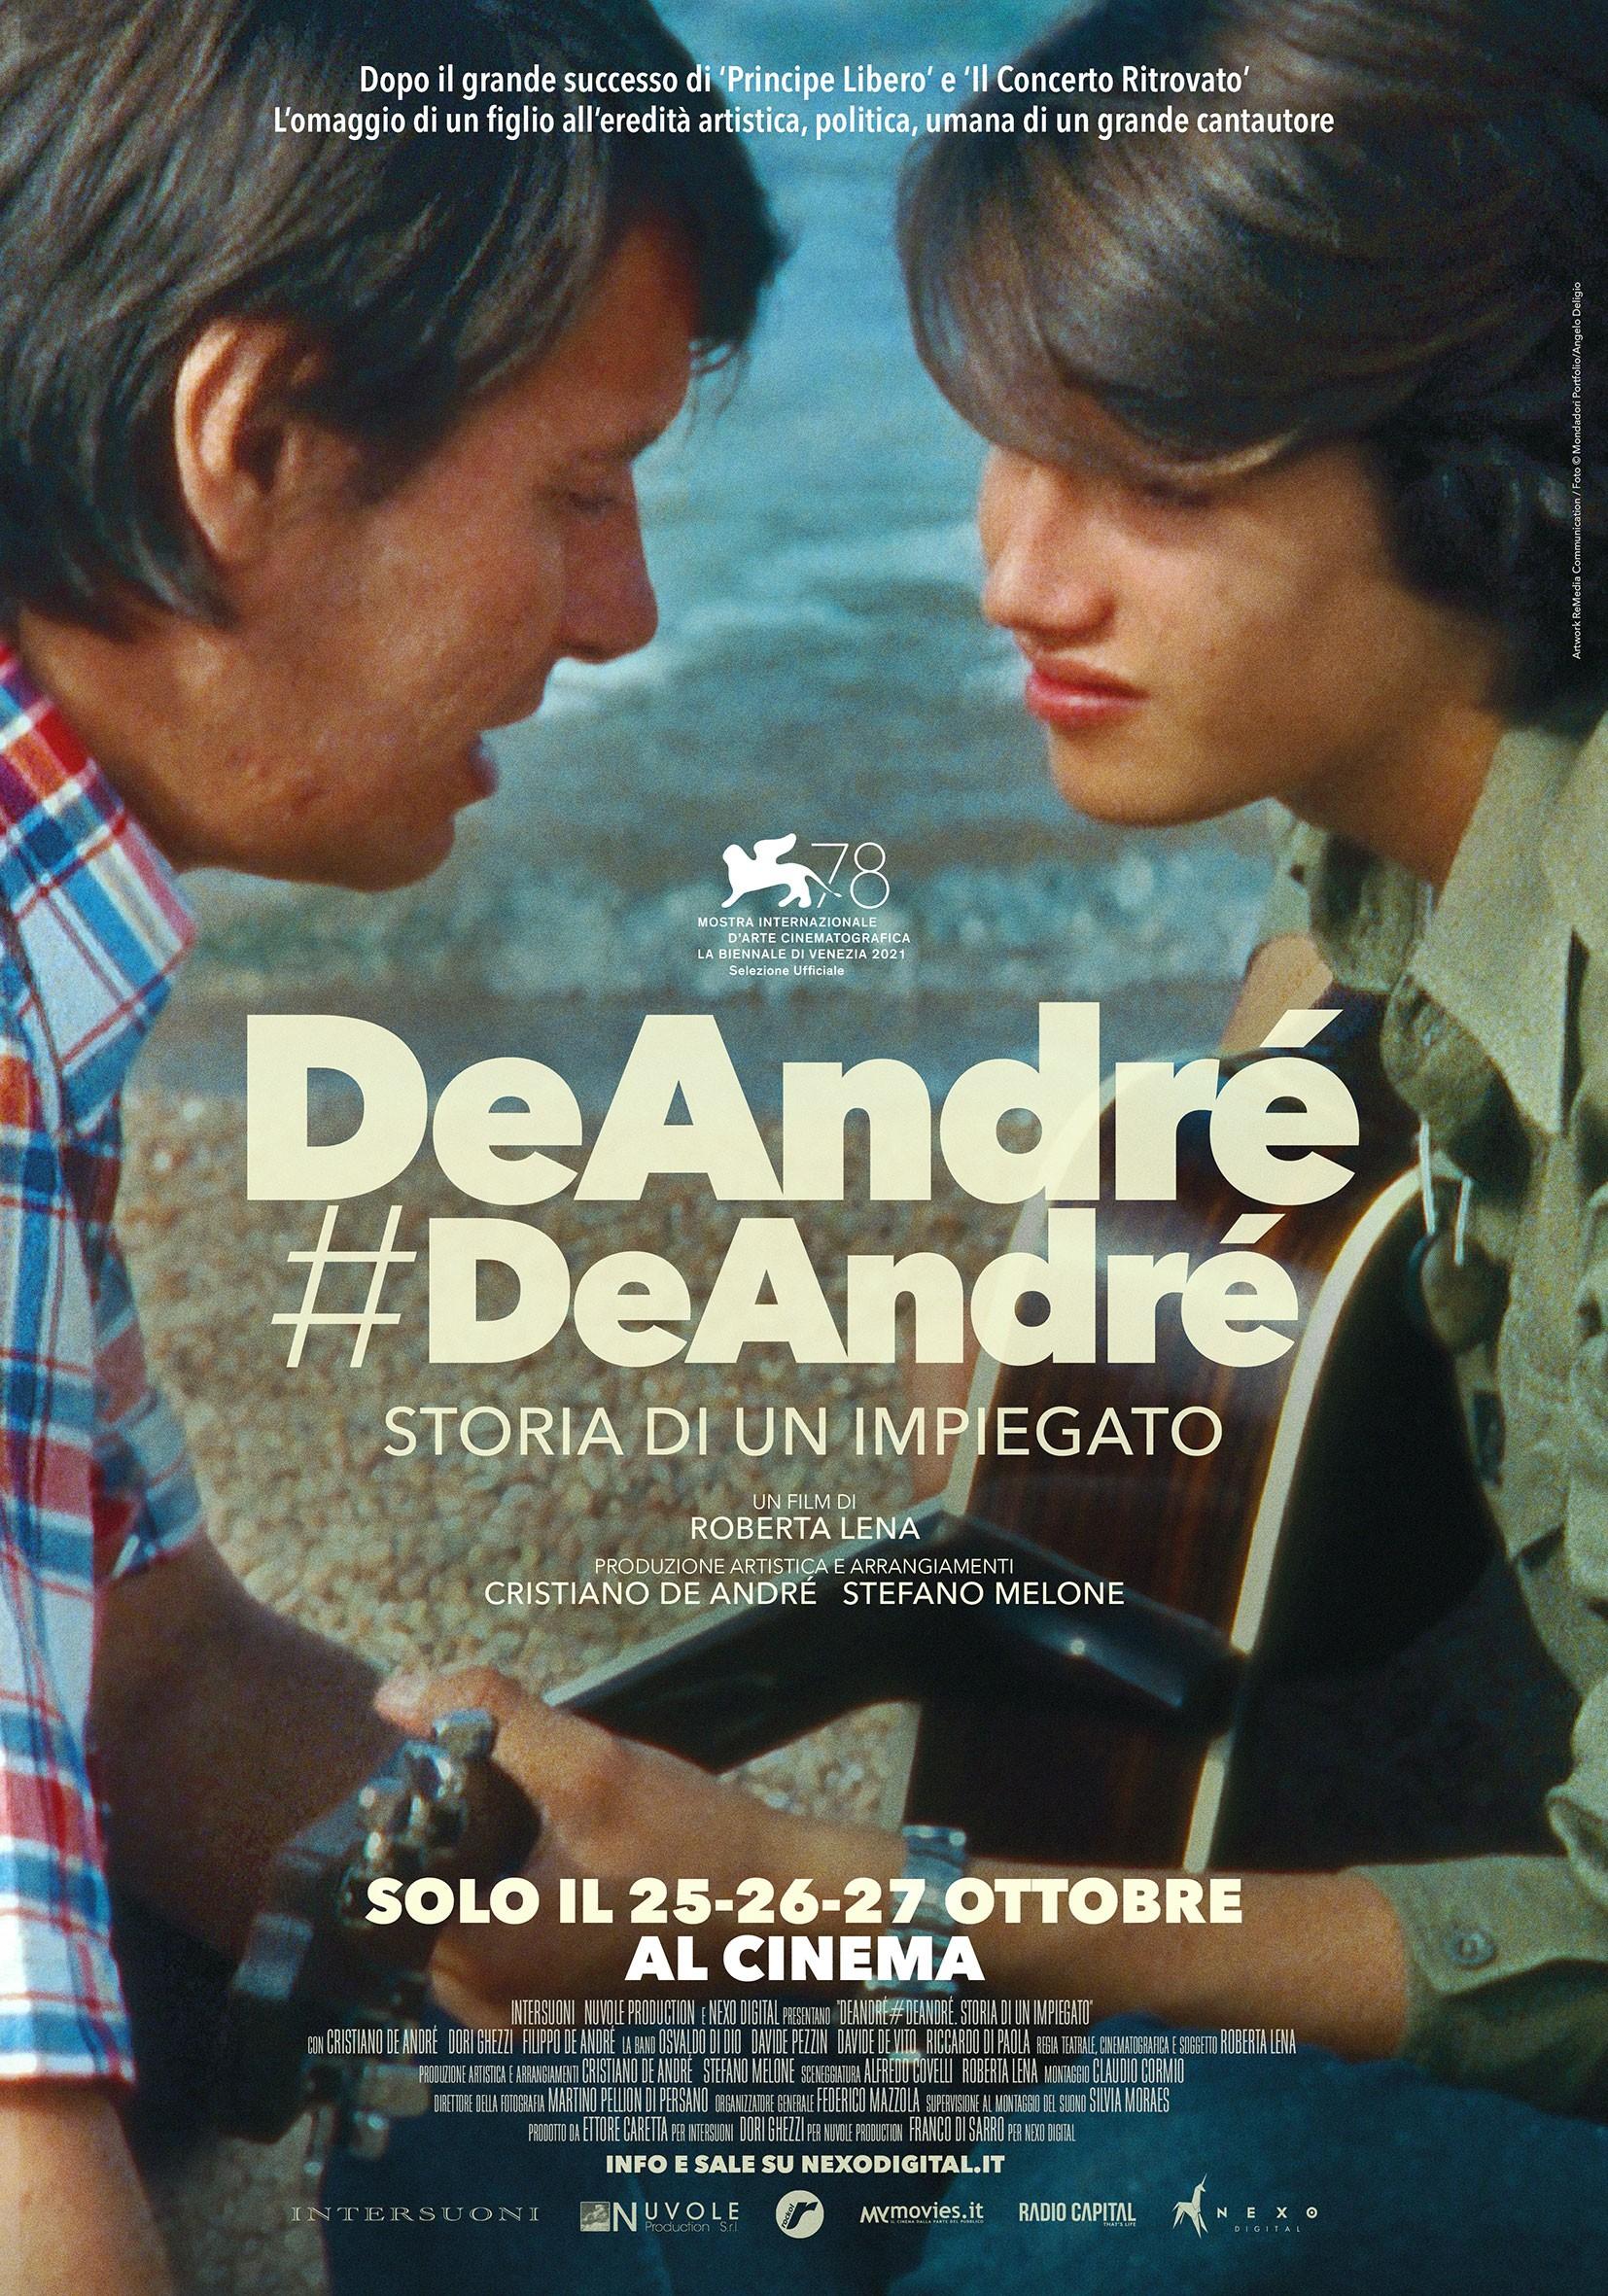 Deandre'#deandre' – storia di un impiegato